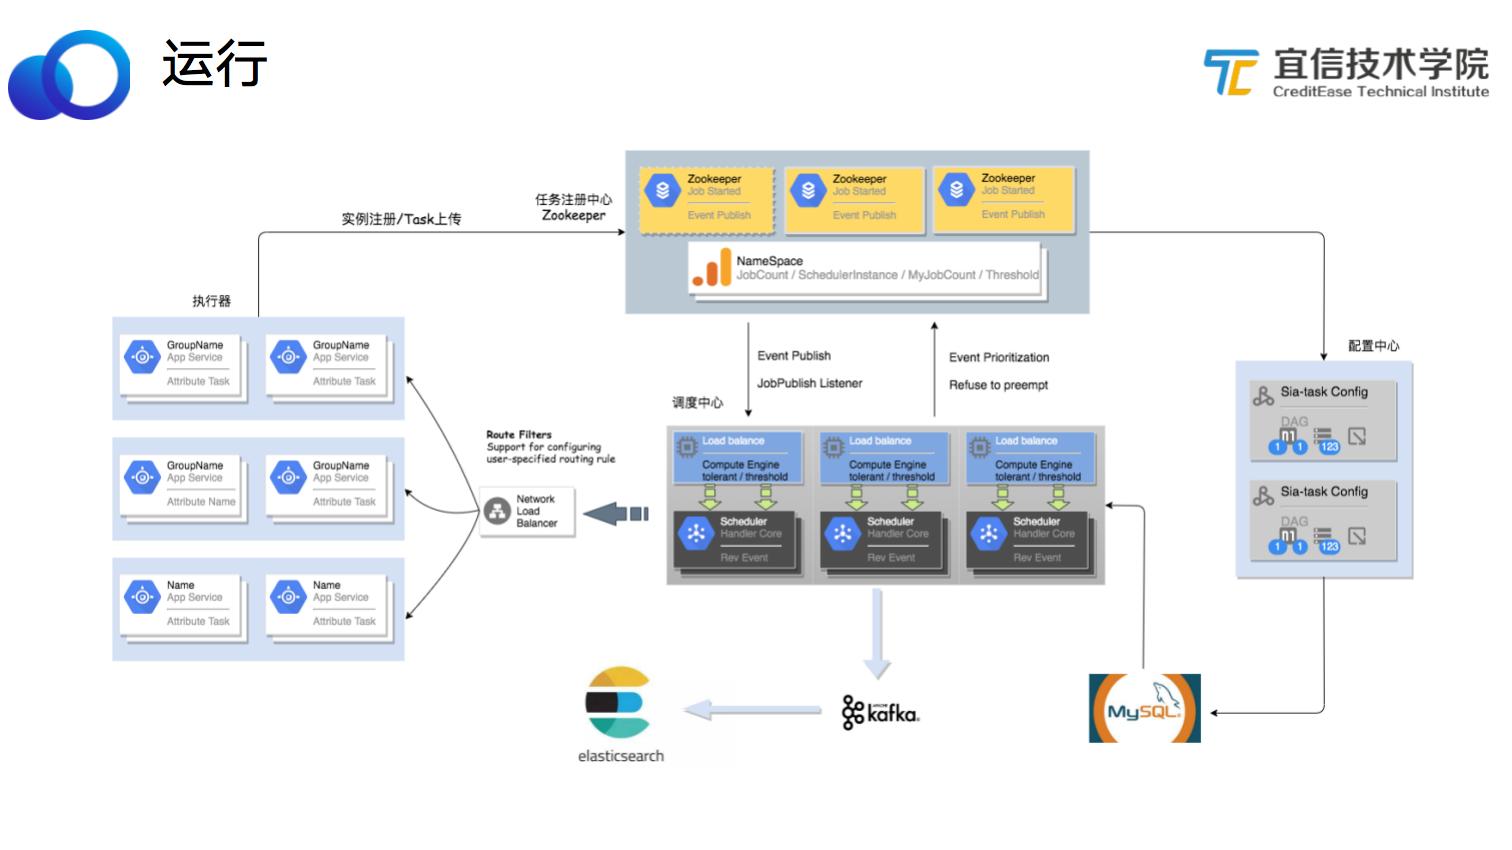 宜信微服务任务调度平台建设实践